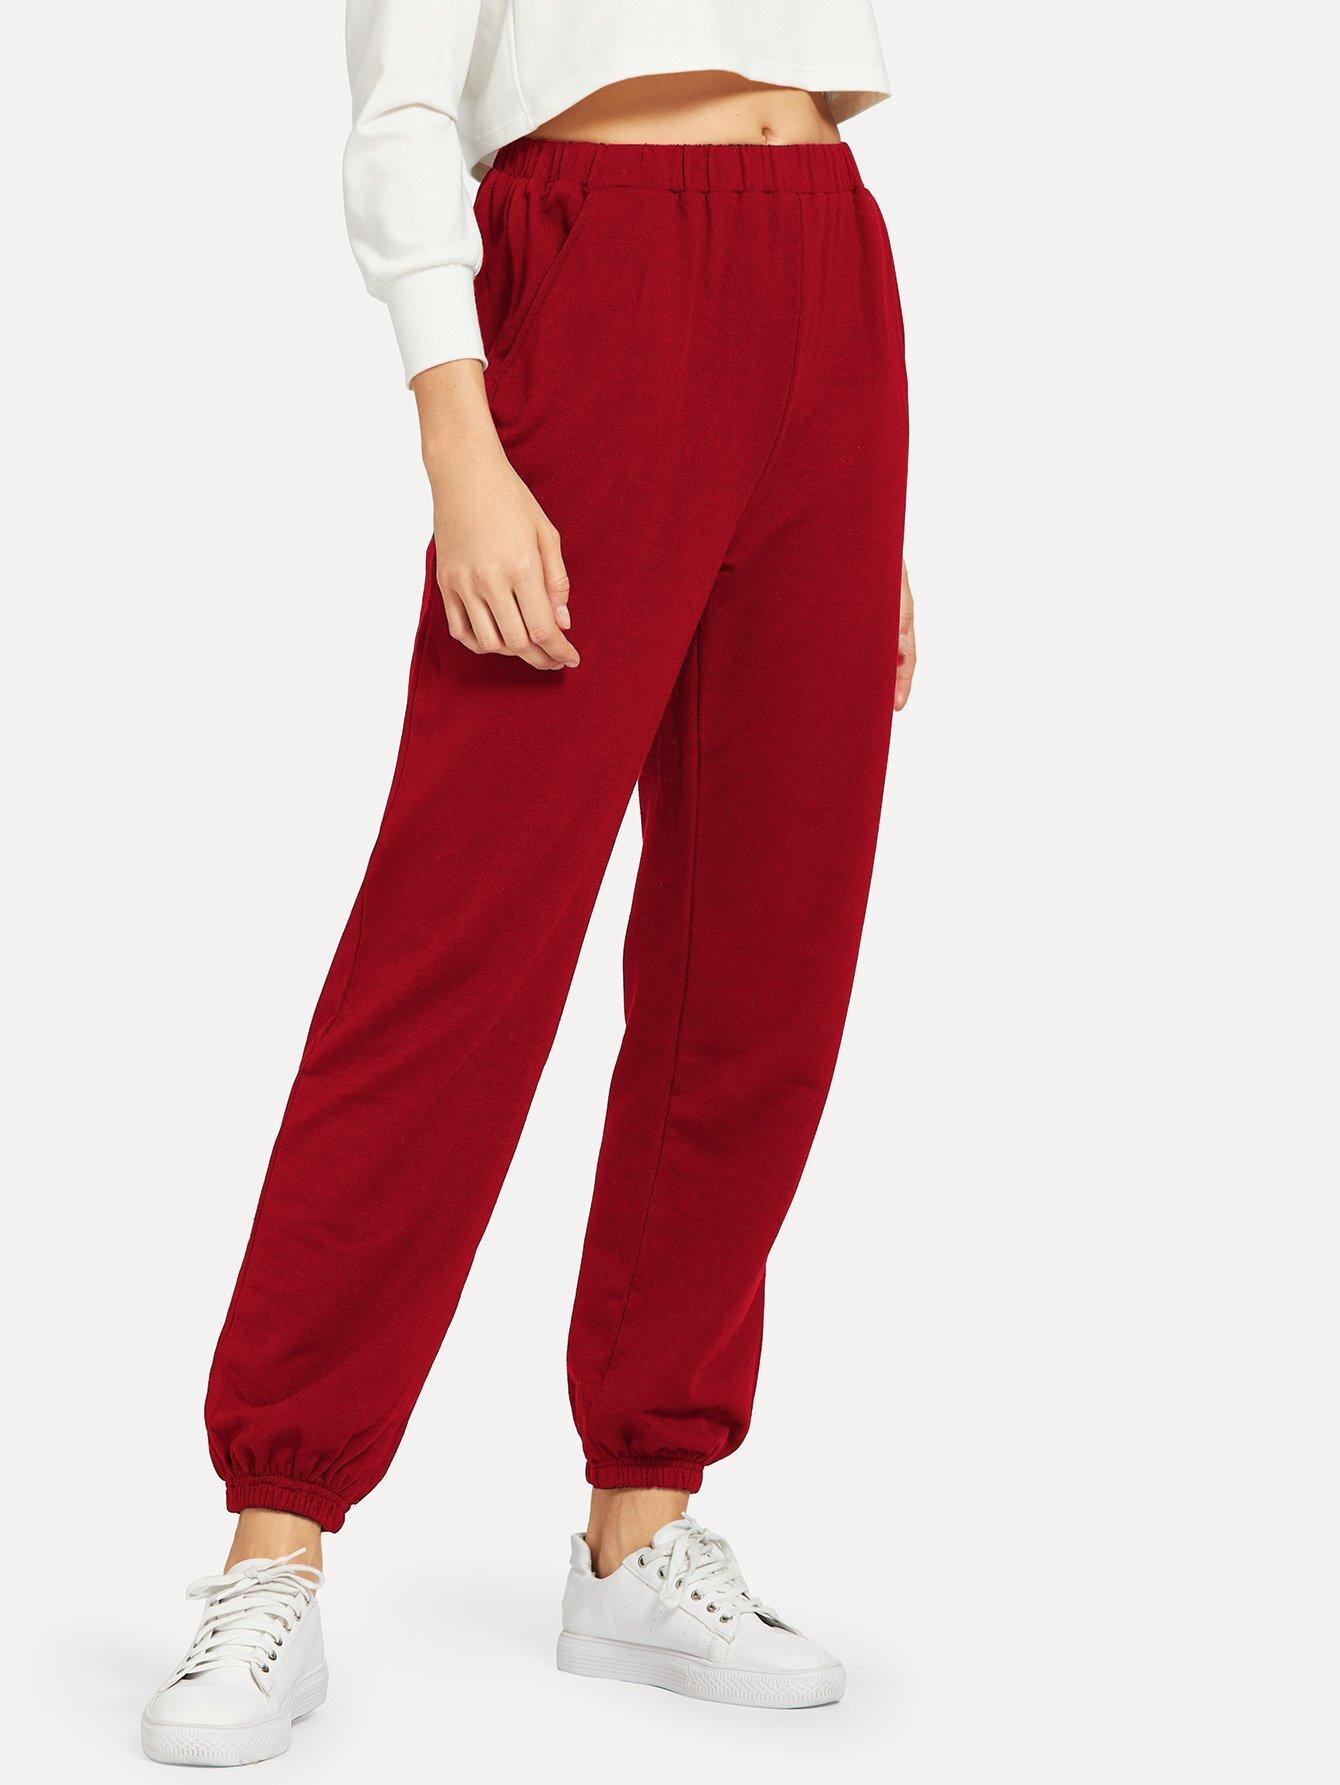 Купить Однотонные брюки с эластичным низом, Masha, SheIn